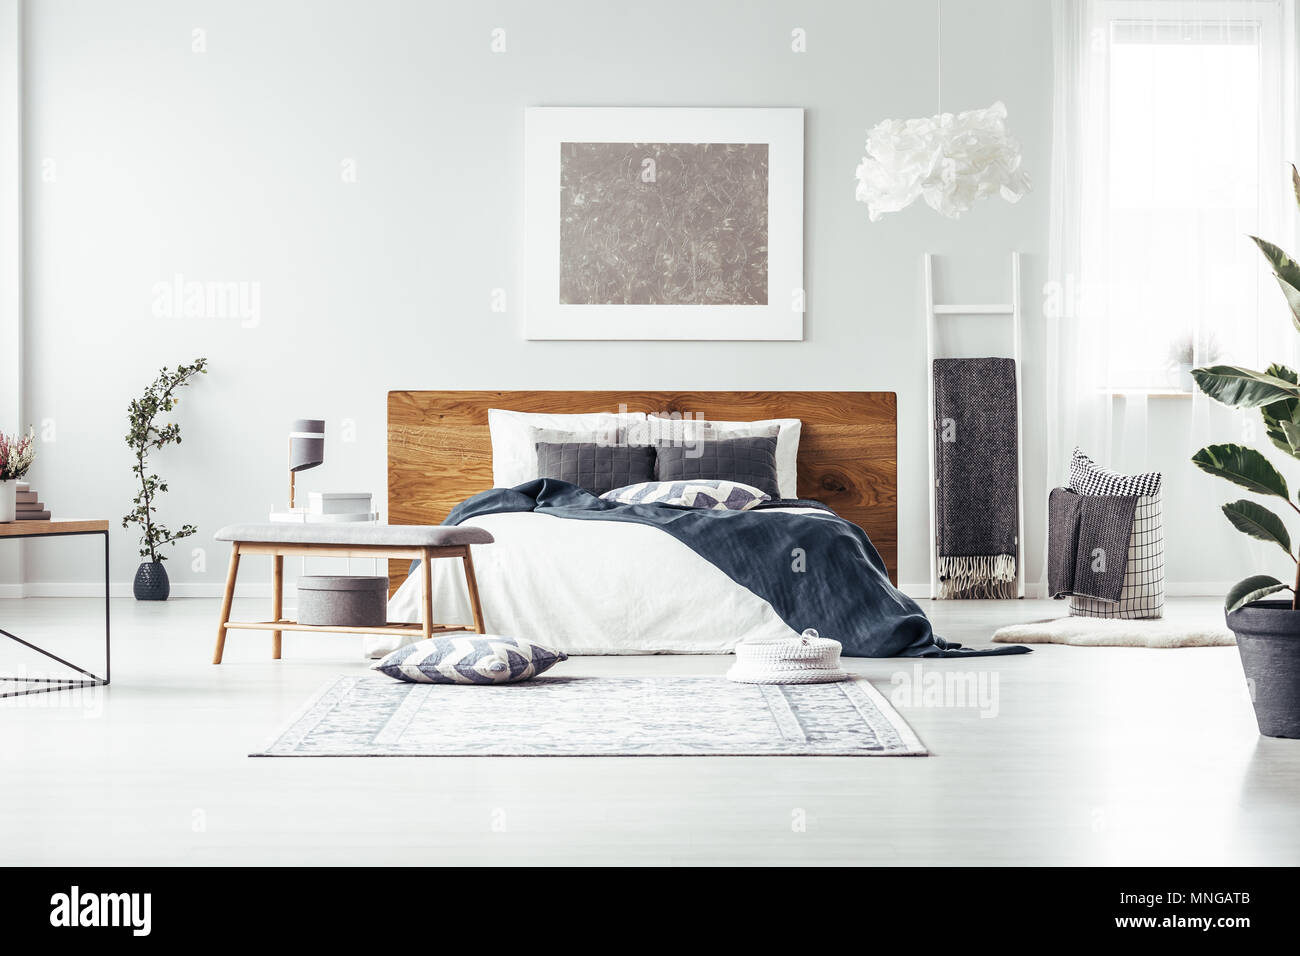 Chambre A Coucher Peinture Gris peinture gris blanc sur le mur au-dessus de lit dans la